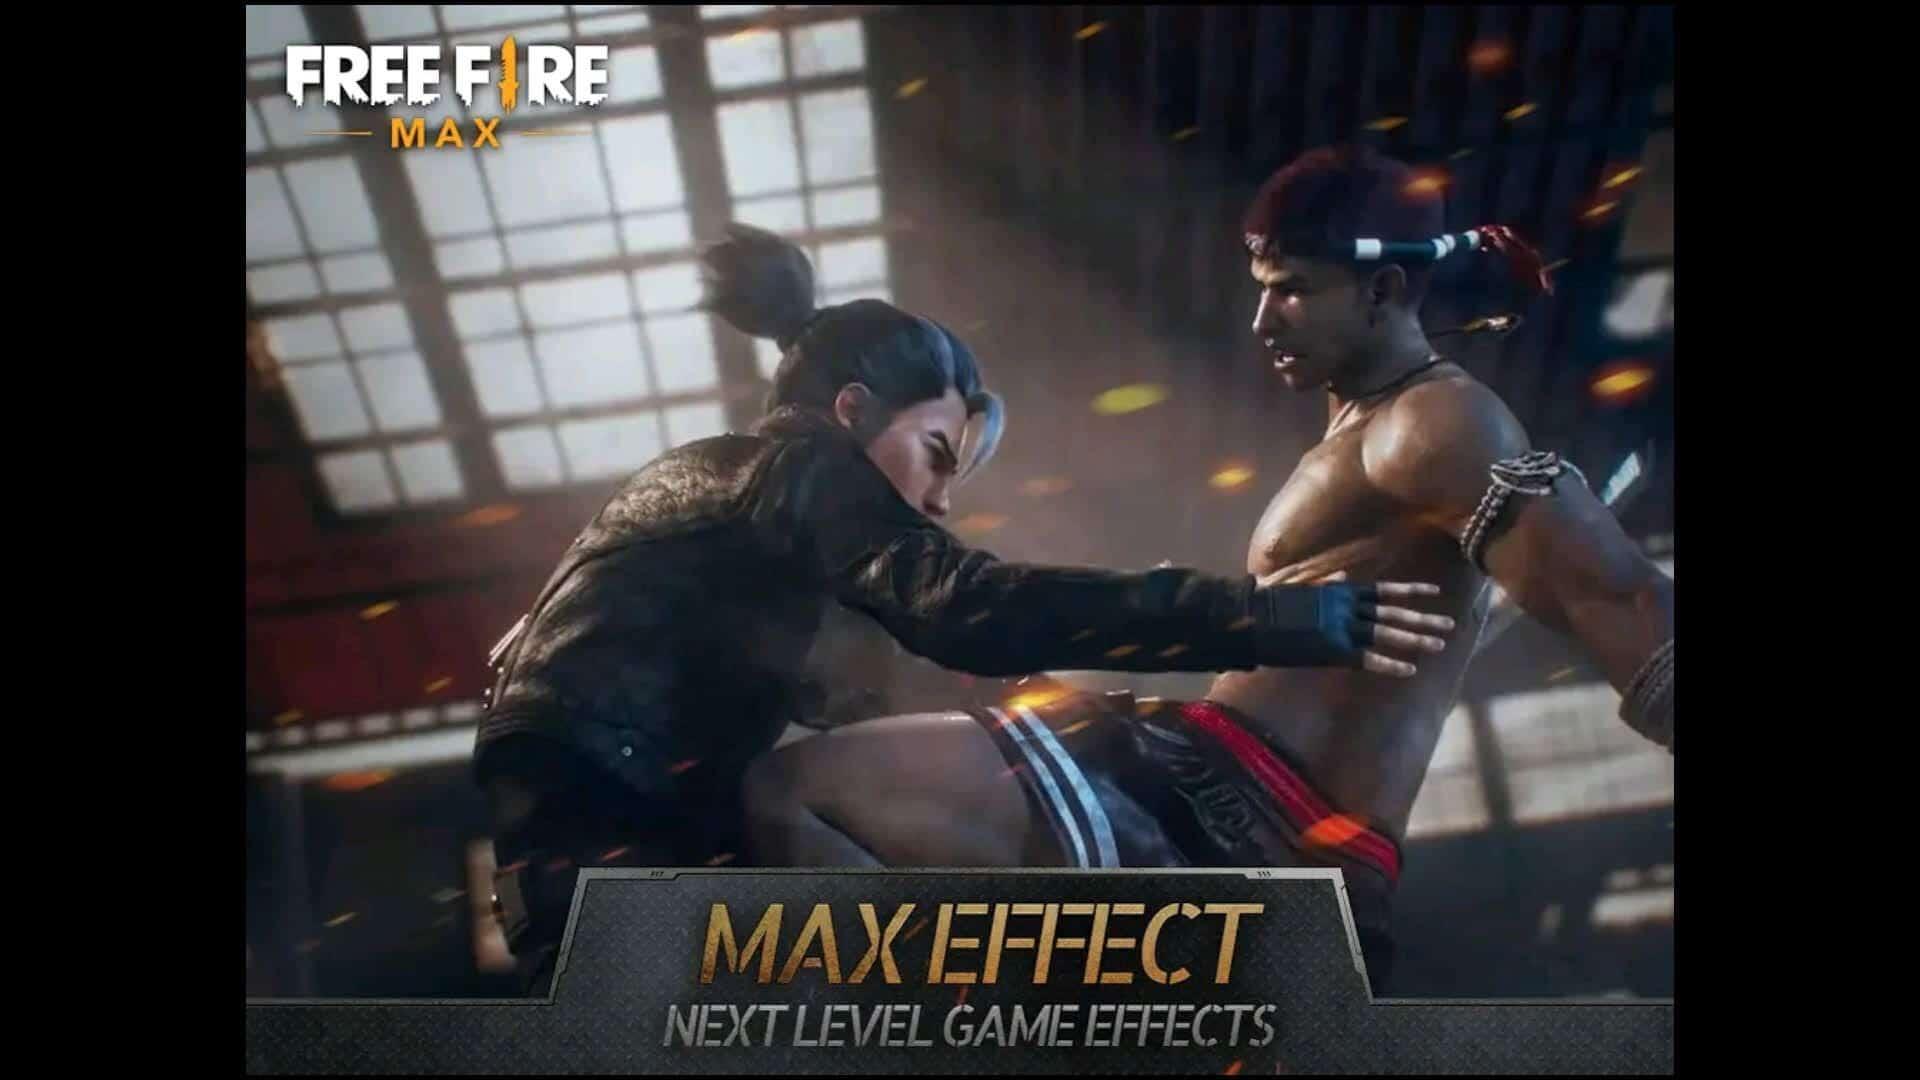 free-fire-max-imagens-googleplay-5 Free Fire Max é lançado na Bolívia, Vietnã e Malásia (Acesso Antecipado)